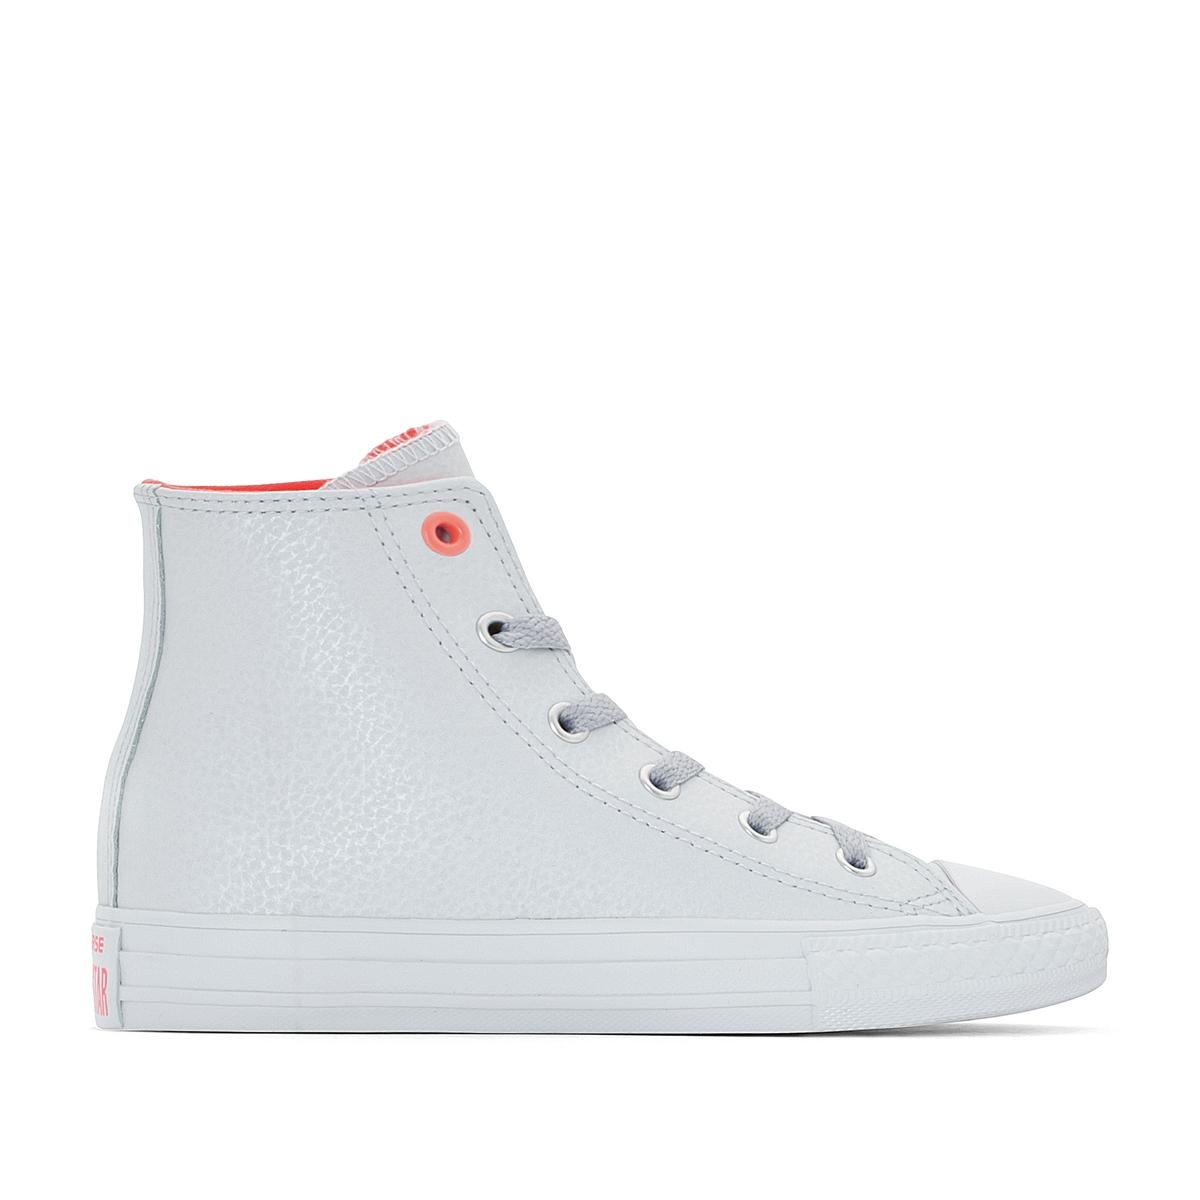 zapatillas Zapatillas de ca?a alta CTAS Fashion Leather Hi